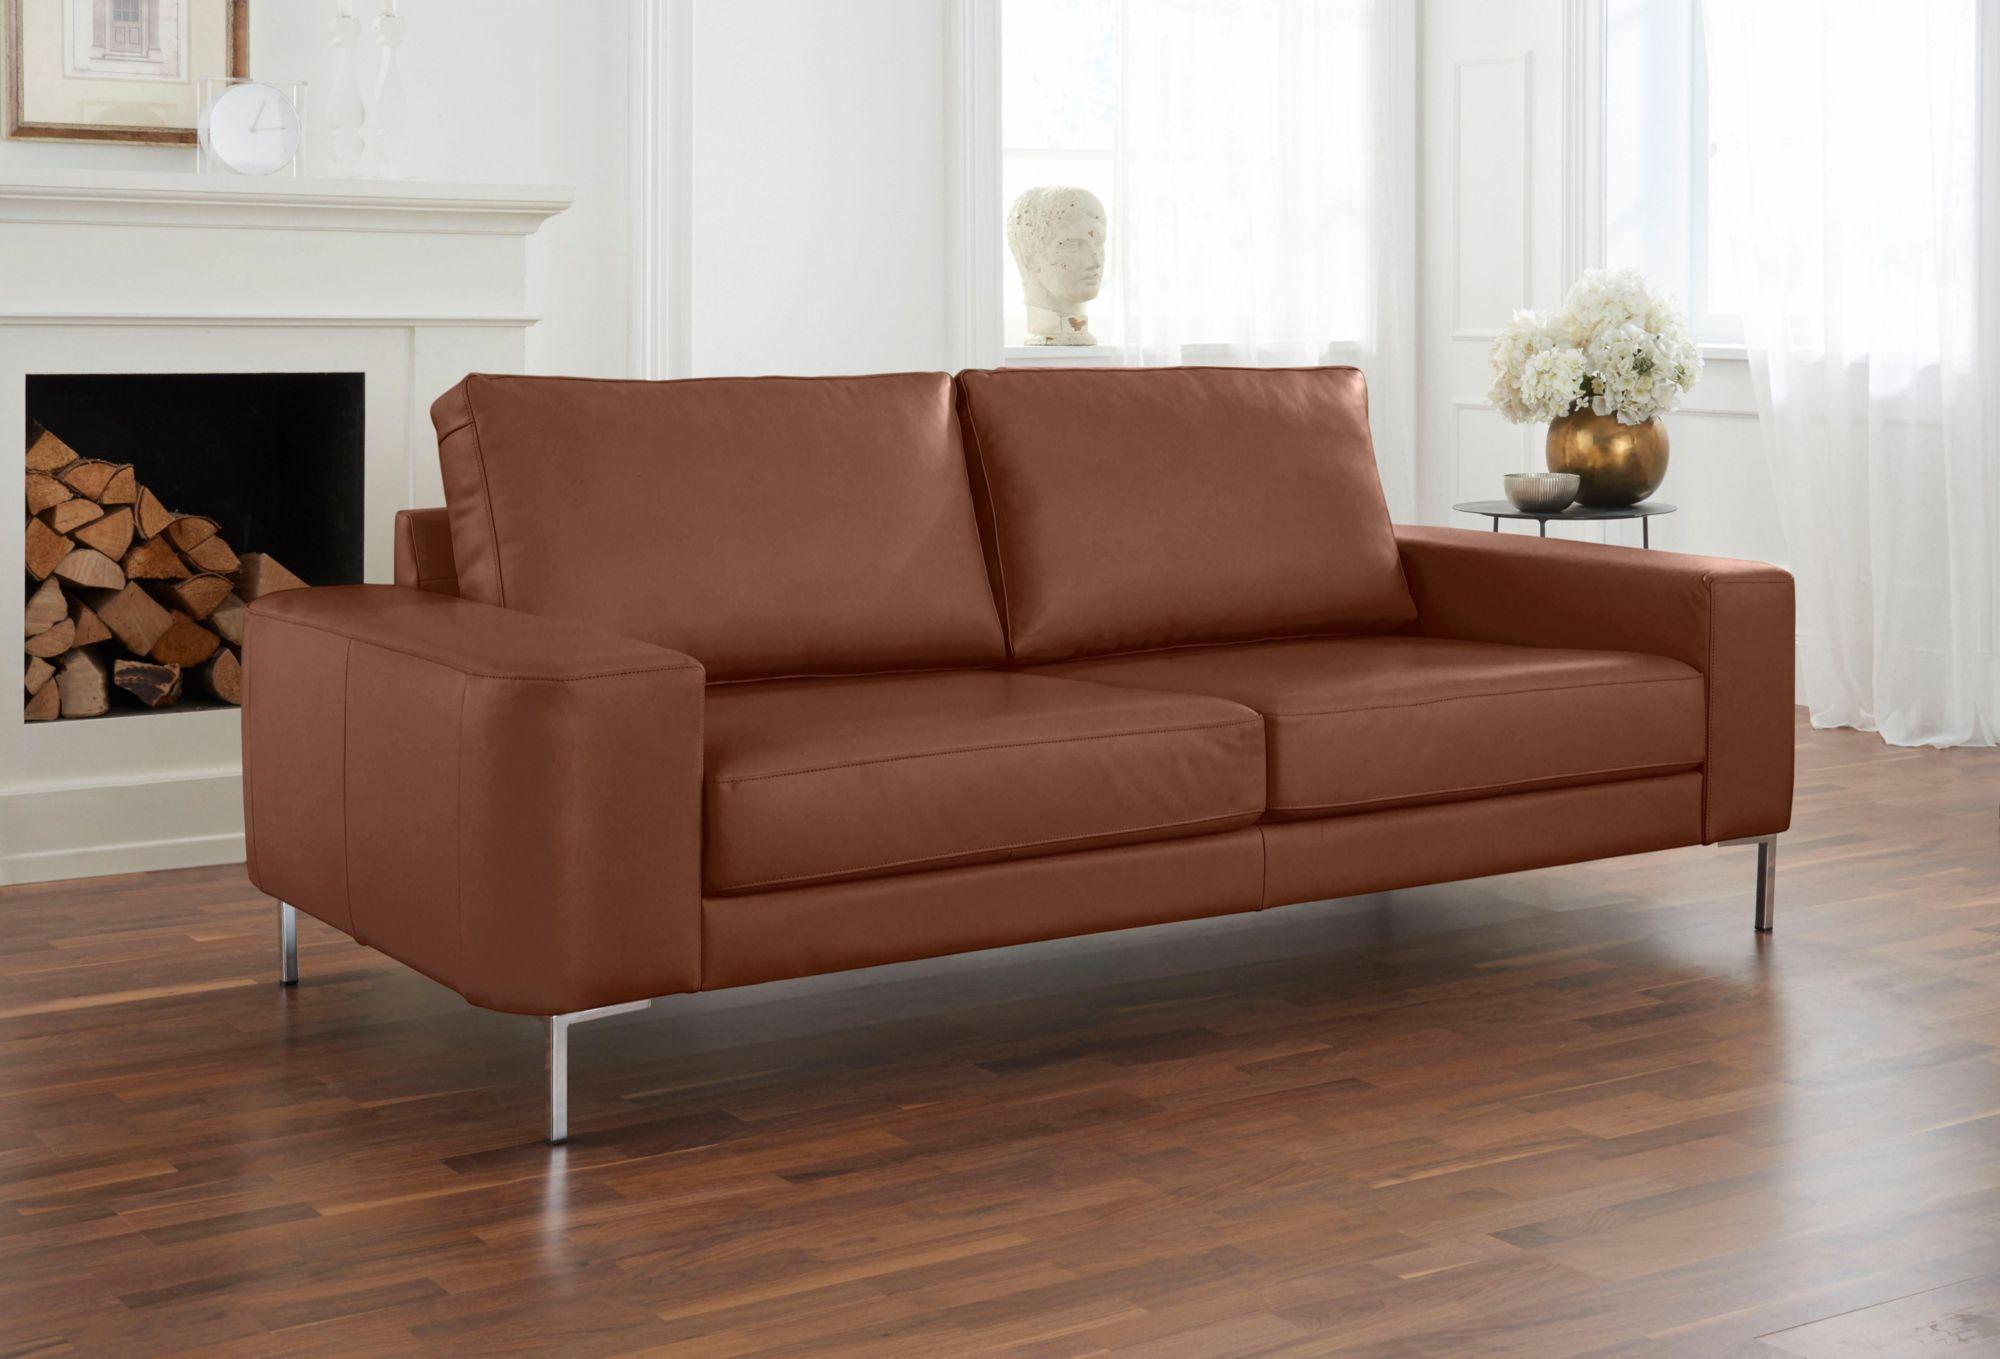 ALTE GERBEREI Alte Gerberei 2-Sitzer Sofa »Lexgaard« mit großer Bodenfreiheit, inklusive Rückenkissen